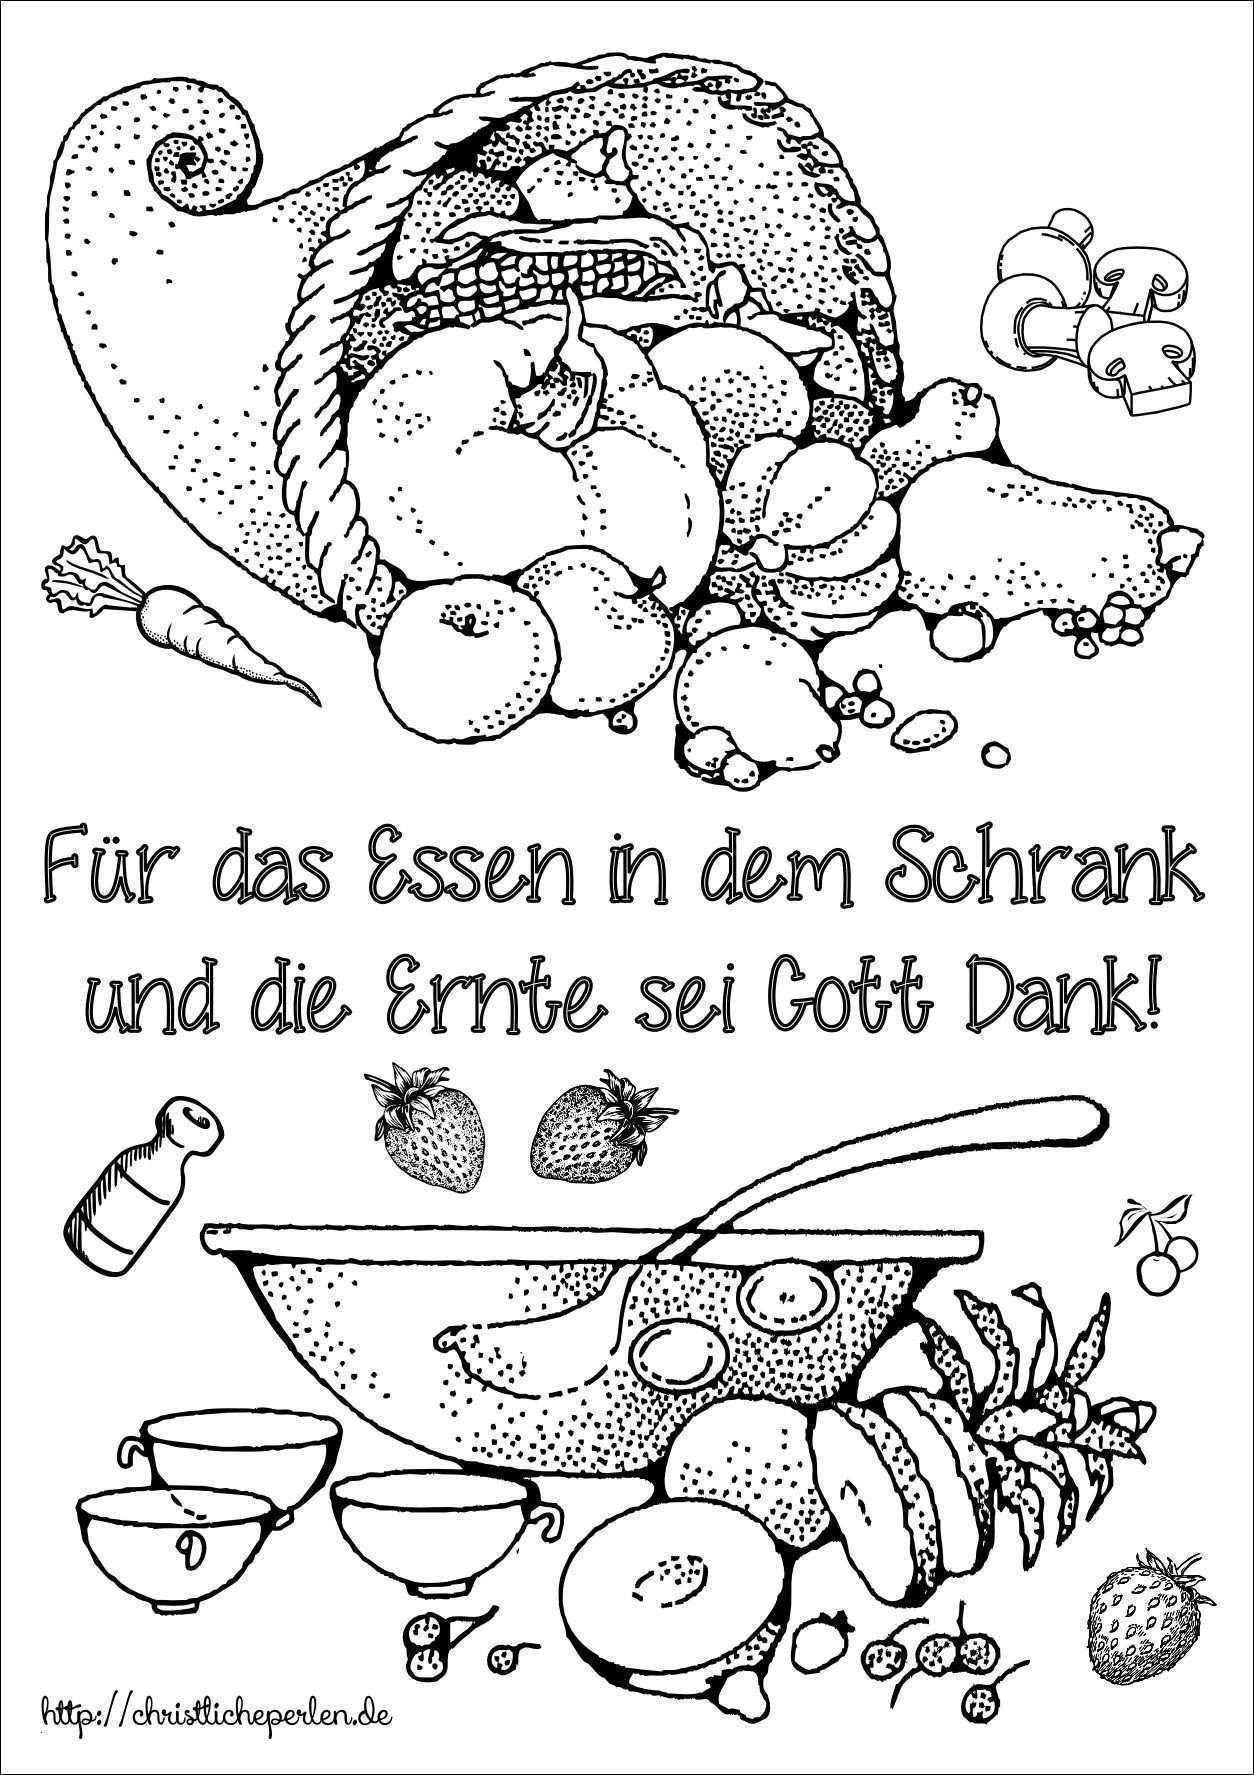 Dino Zug Ausmalbilder Frisch Ausmalbilder Dinos Kostenlos 35 Ausmalbilder Dino Zug Fotografieren